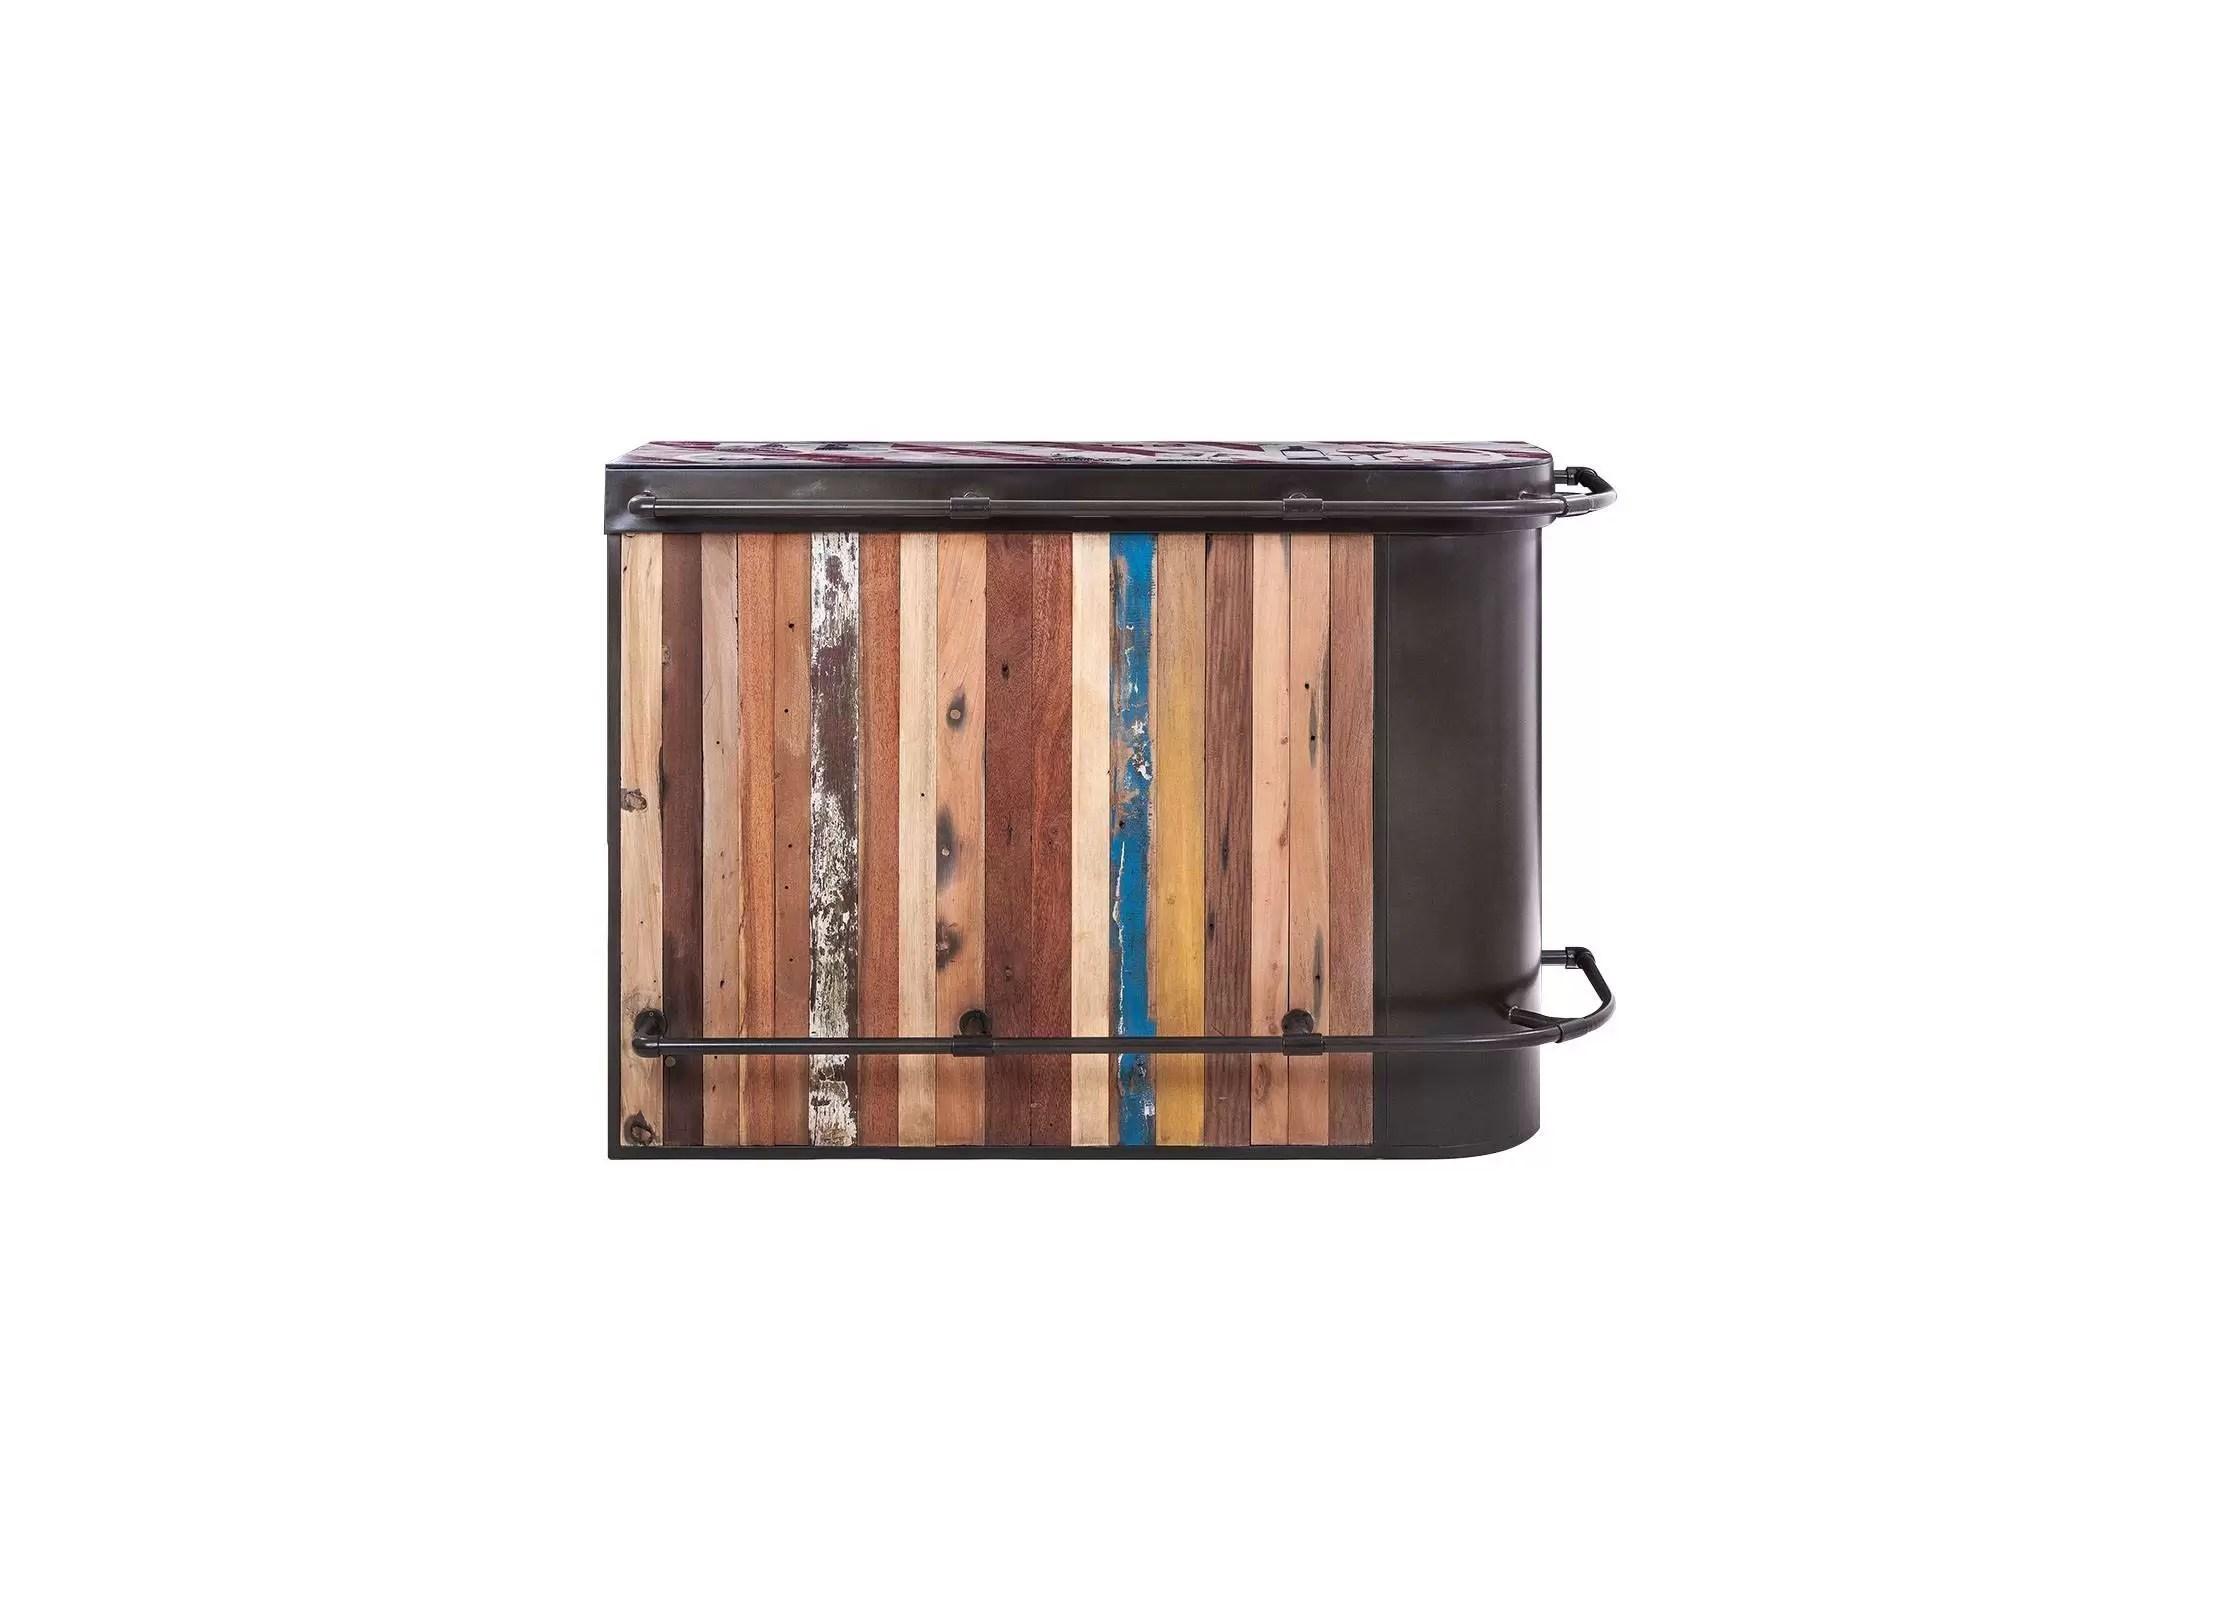 meuble bar symbiose avec angle a droite